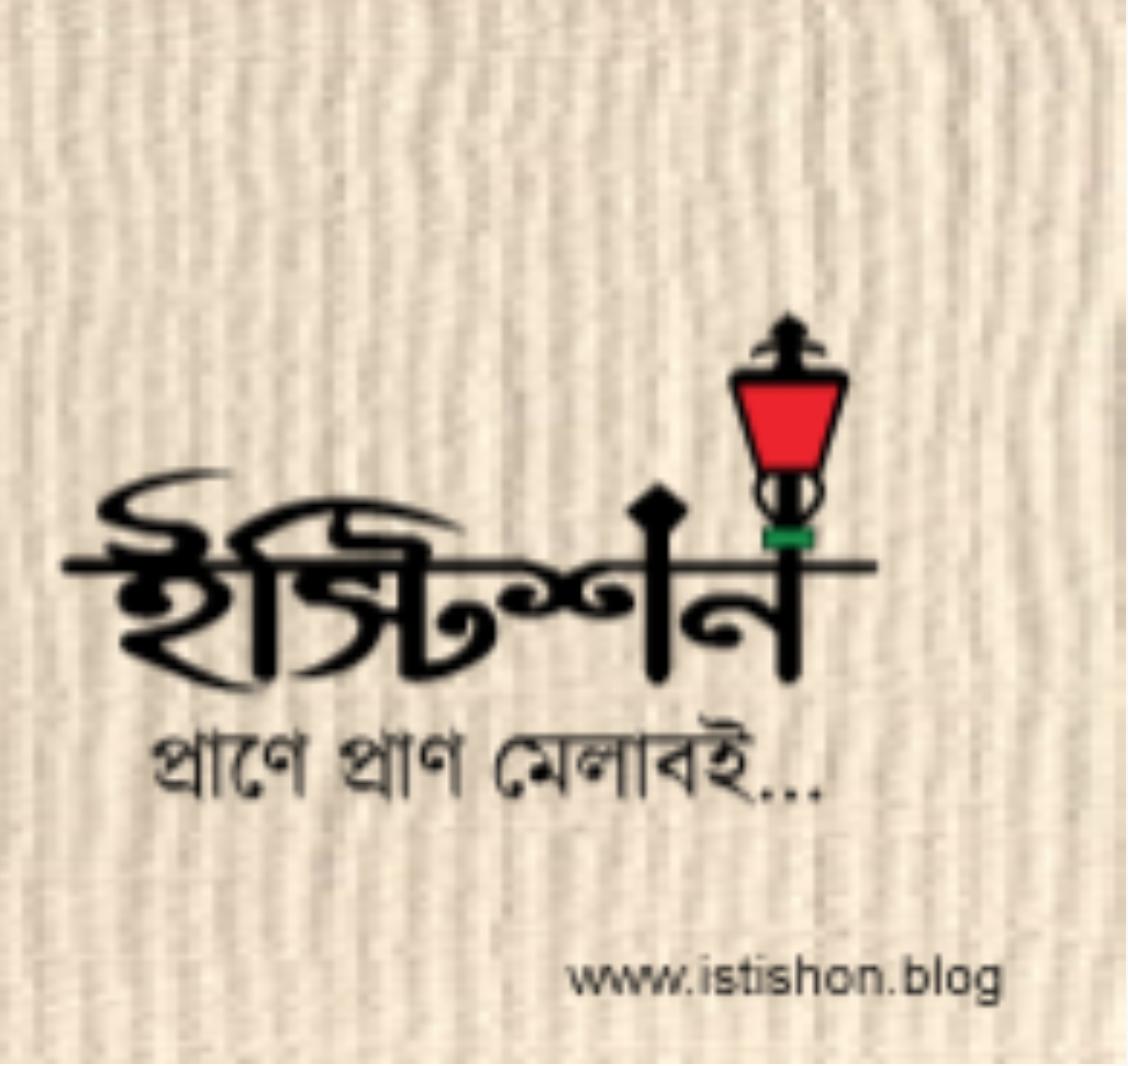 Istishon Blog